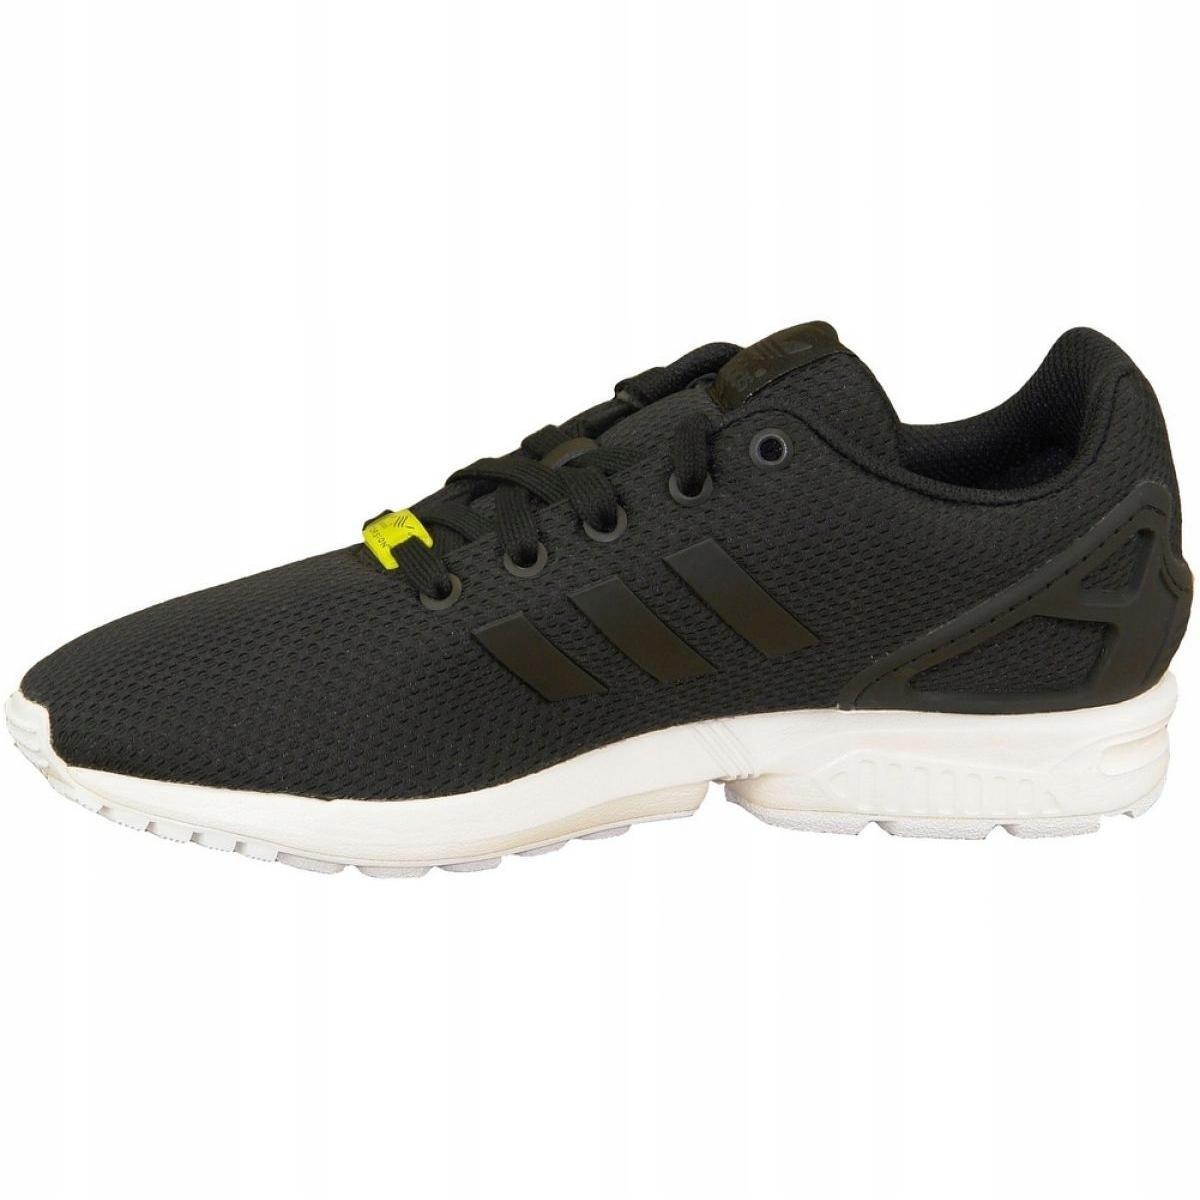 best sneakers a8696 d94b1 Pink Adidas Zx Flux K Jr M21294 shoes